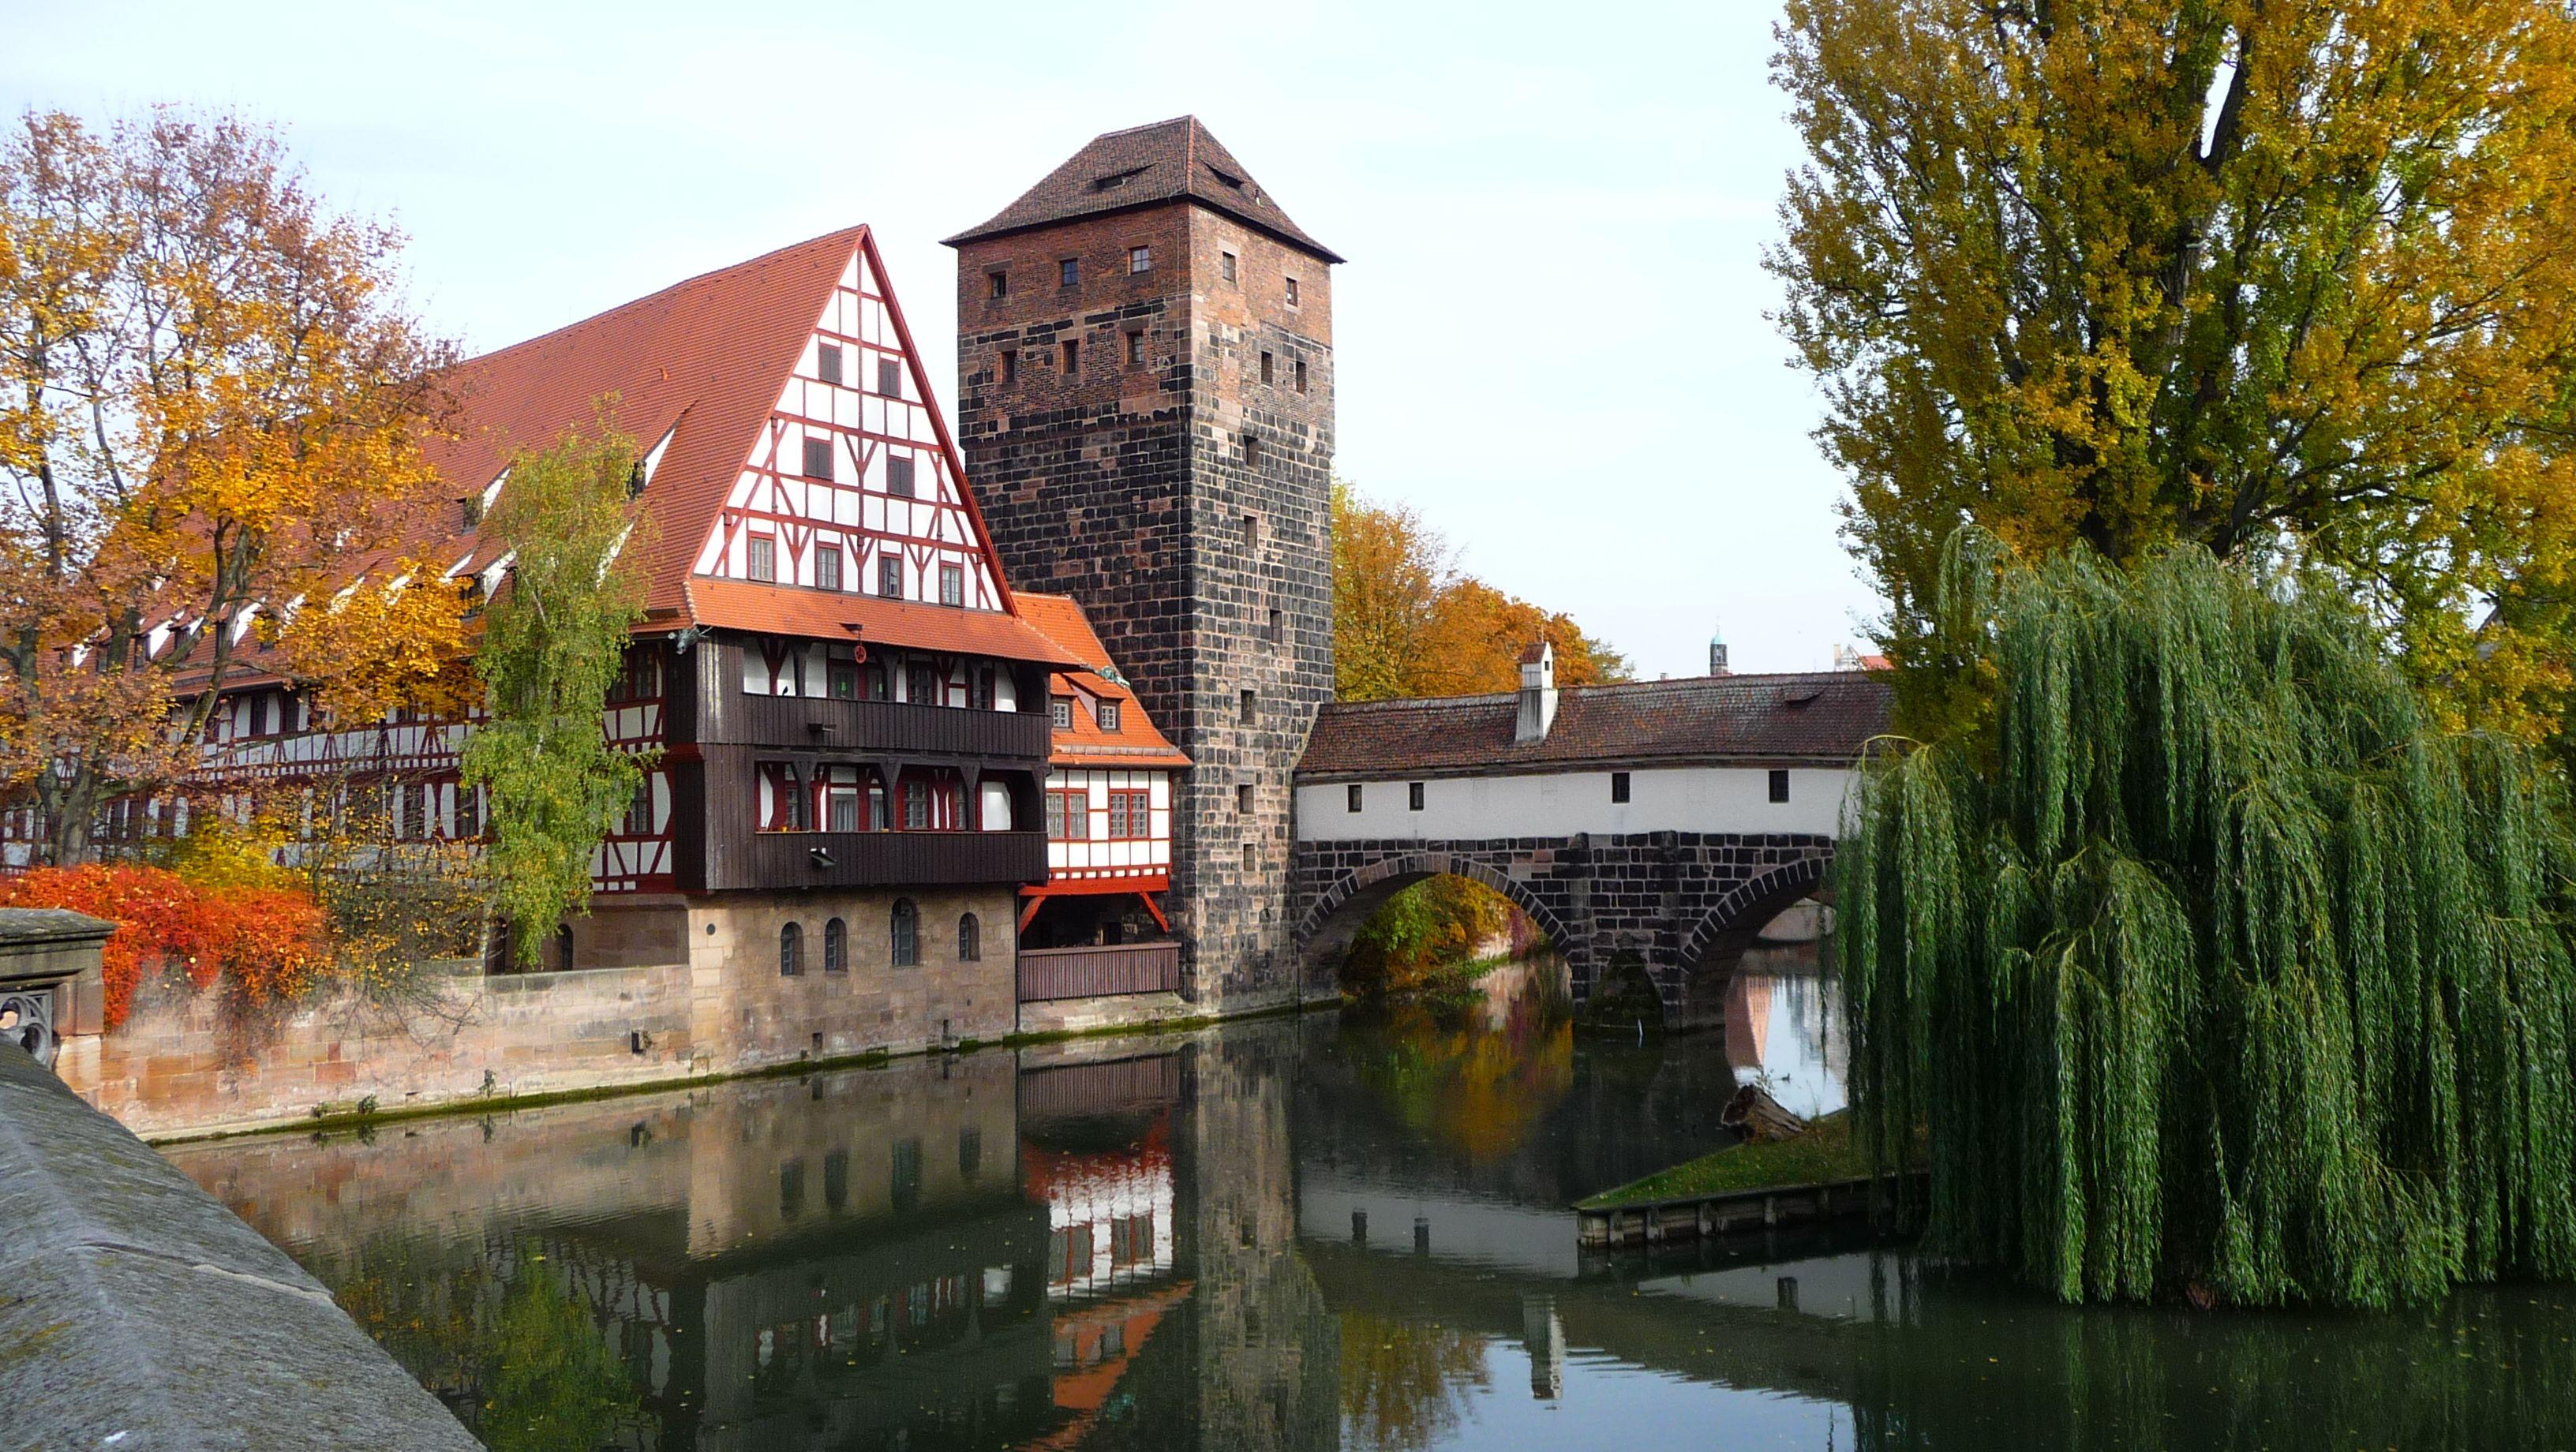 It S Autumn In Nuremberg Here At The Famous Weinstadl With The Hangman S House At The River Pegnitz Photo Ctz Deutschland Burgen Reisen Urlaub Reisen